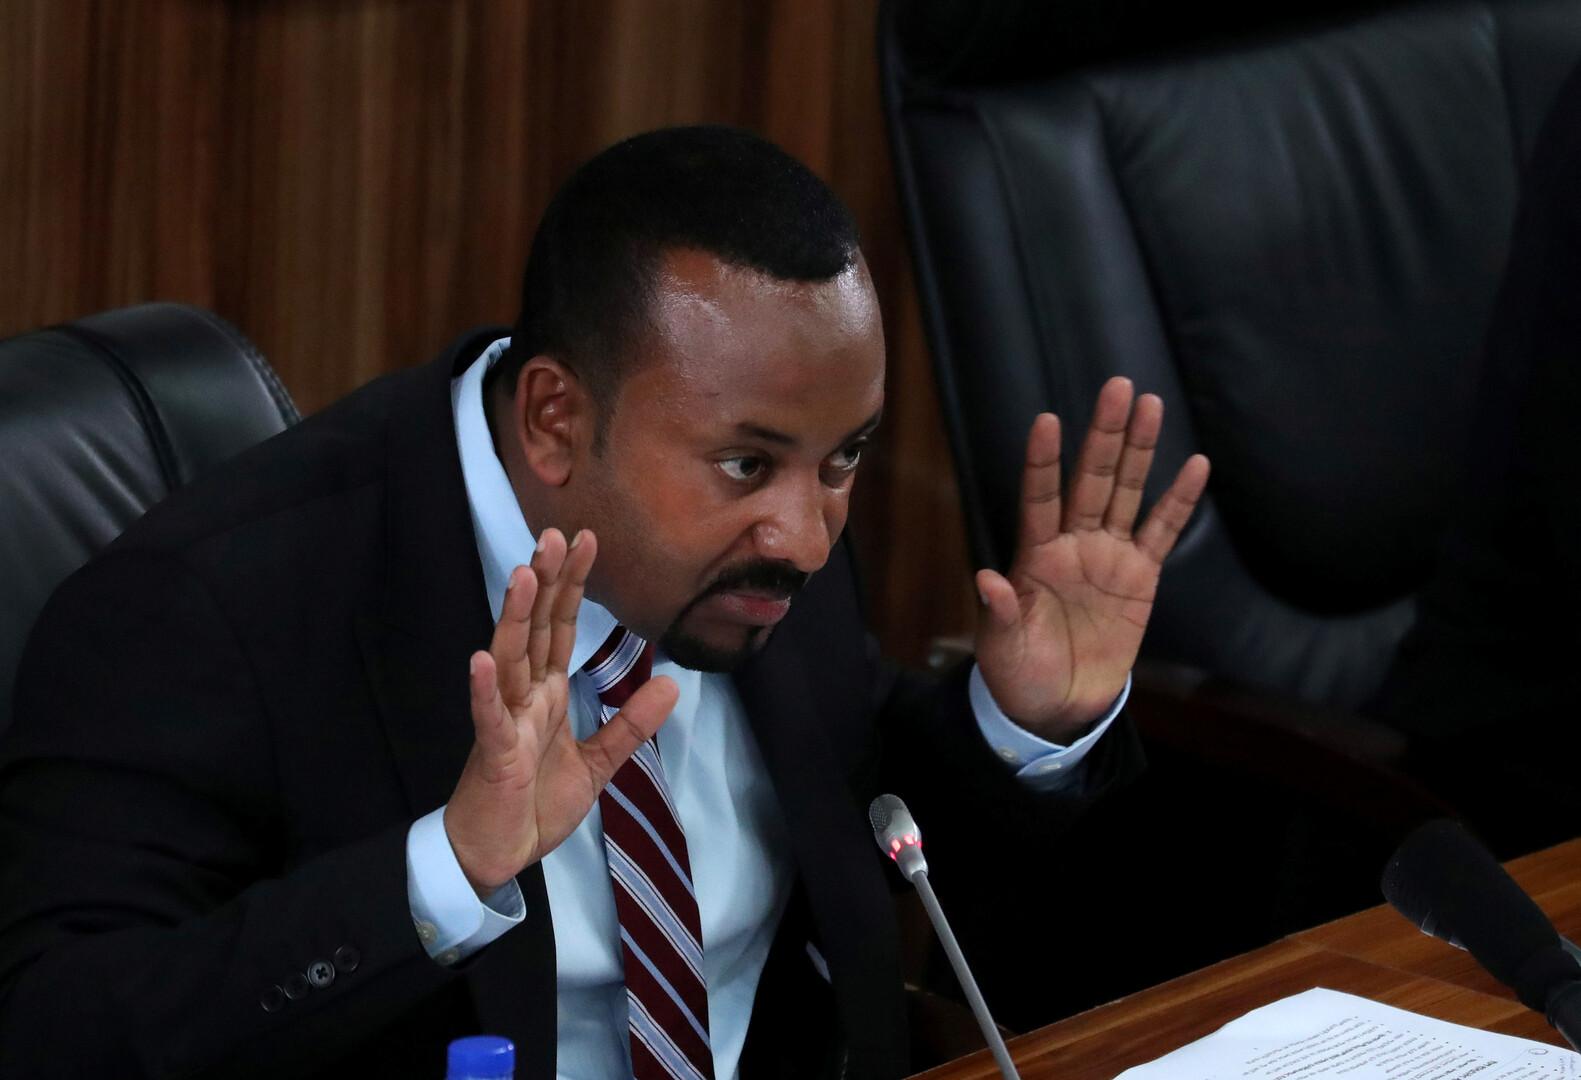 رويترز: سماع إطلاق نار جنوب شرق العاصمة الإثيوبية